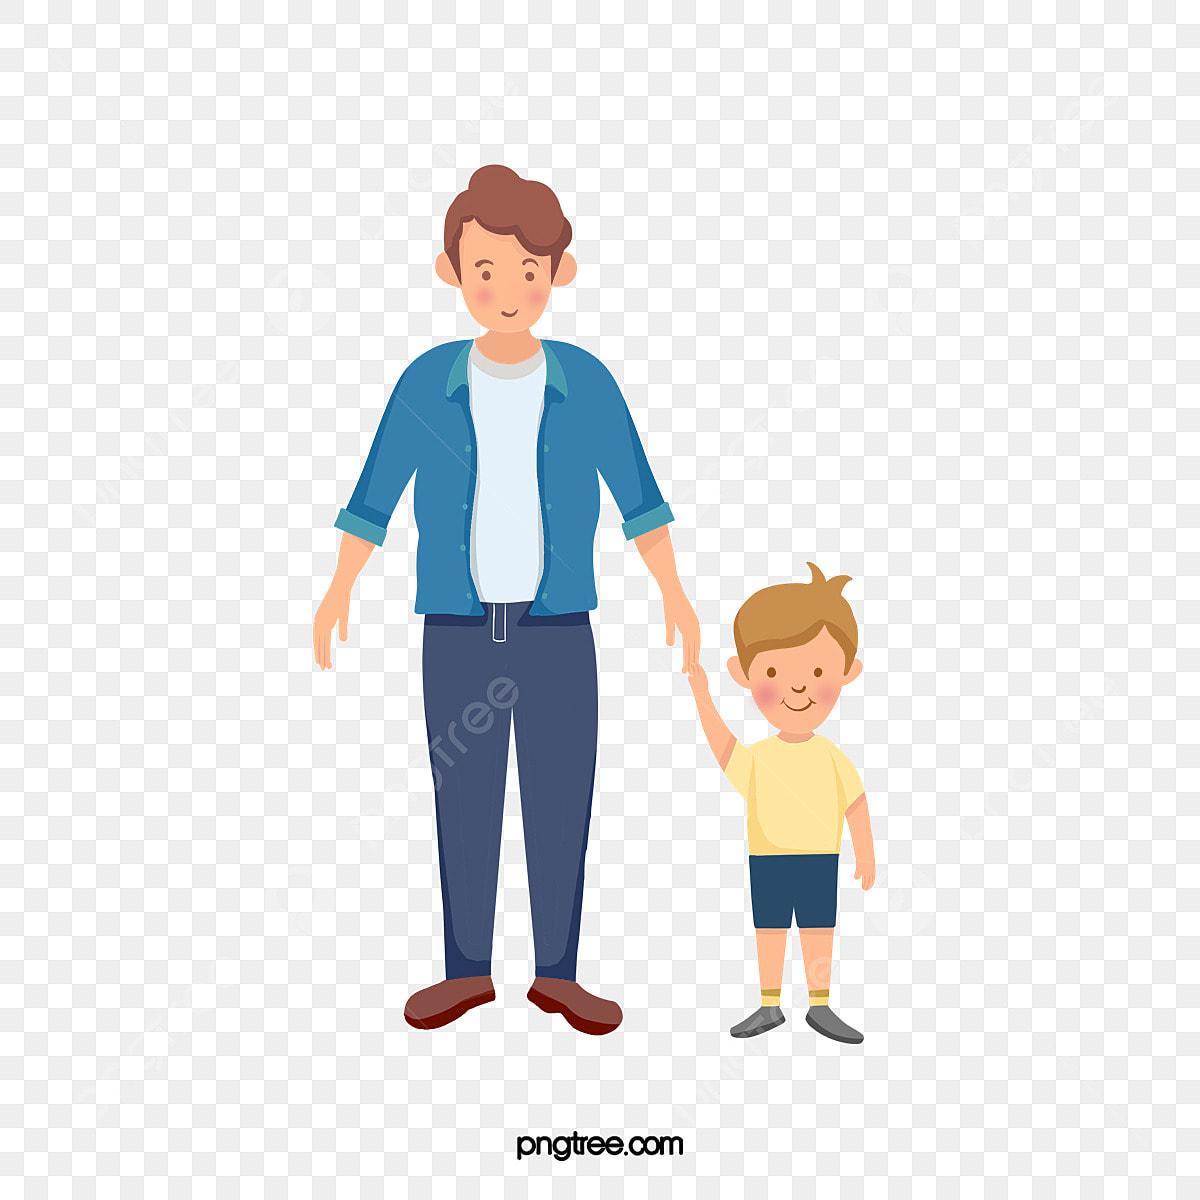 Gambar Muda Ayah Dan Anak Kecilnya Anak Laki Laki Kartun Charcter Png Dan Psd Untuk Muat Turun Percuma